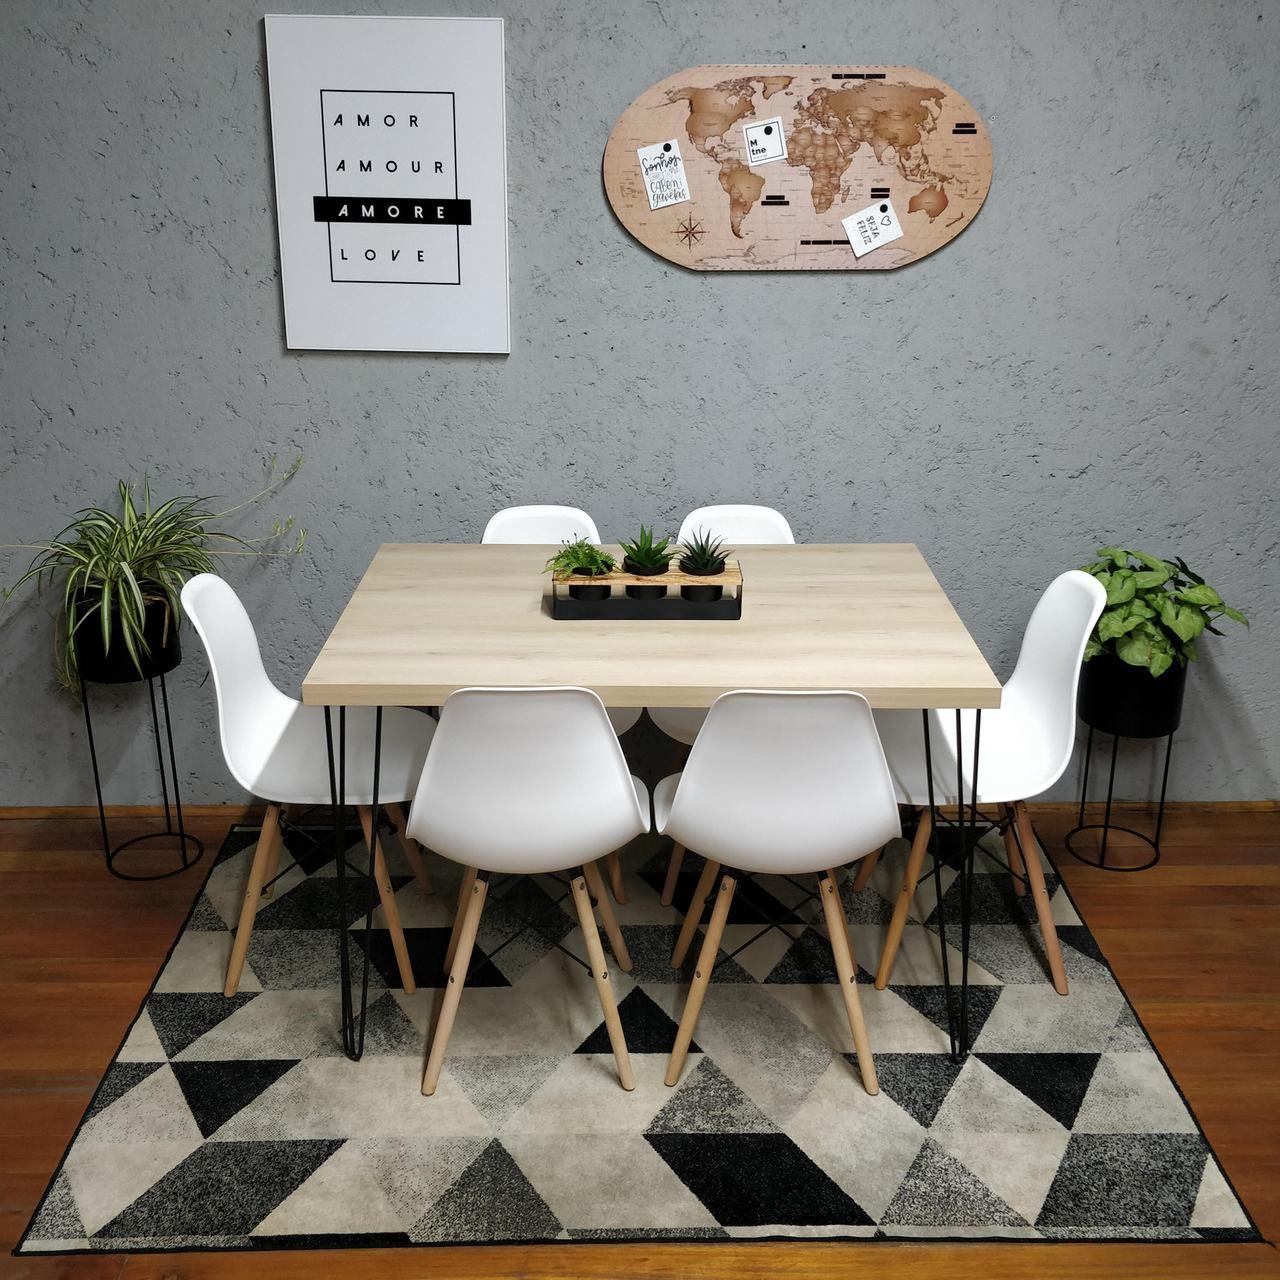 Mesa de Jantar Faia Hairpin Legs 90x140 com 6 Cadeiras Eames Brancas